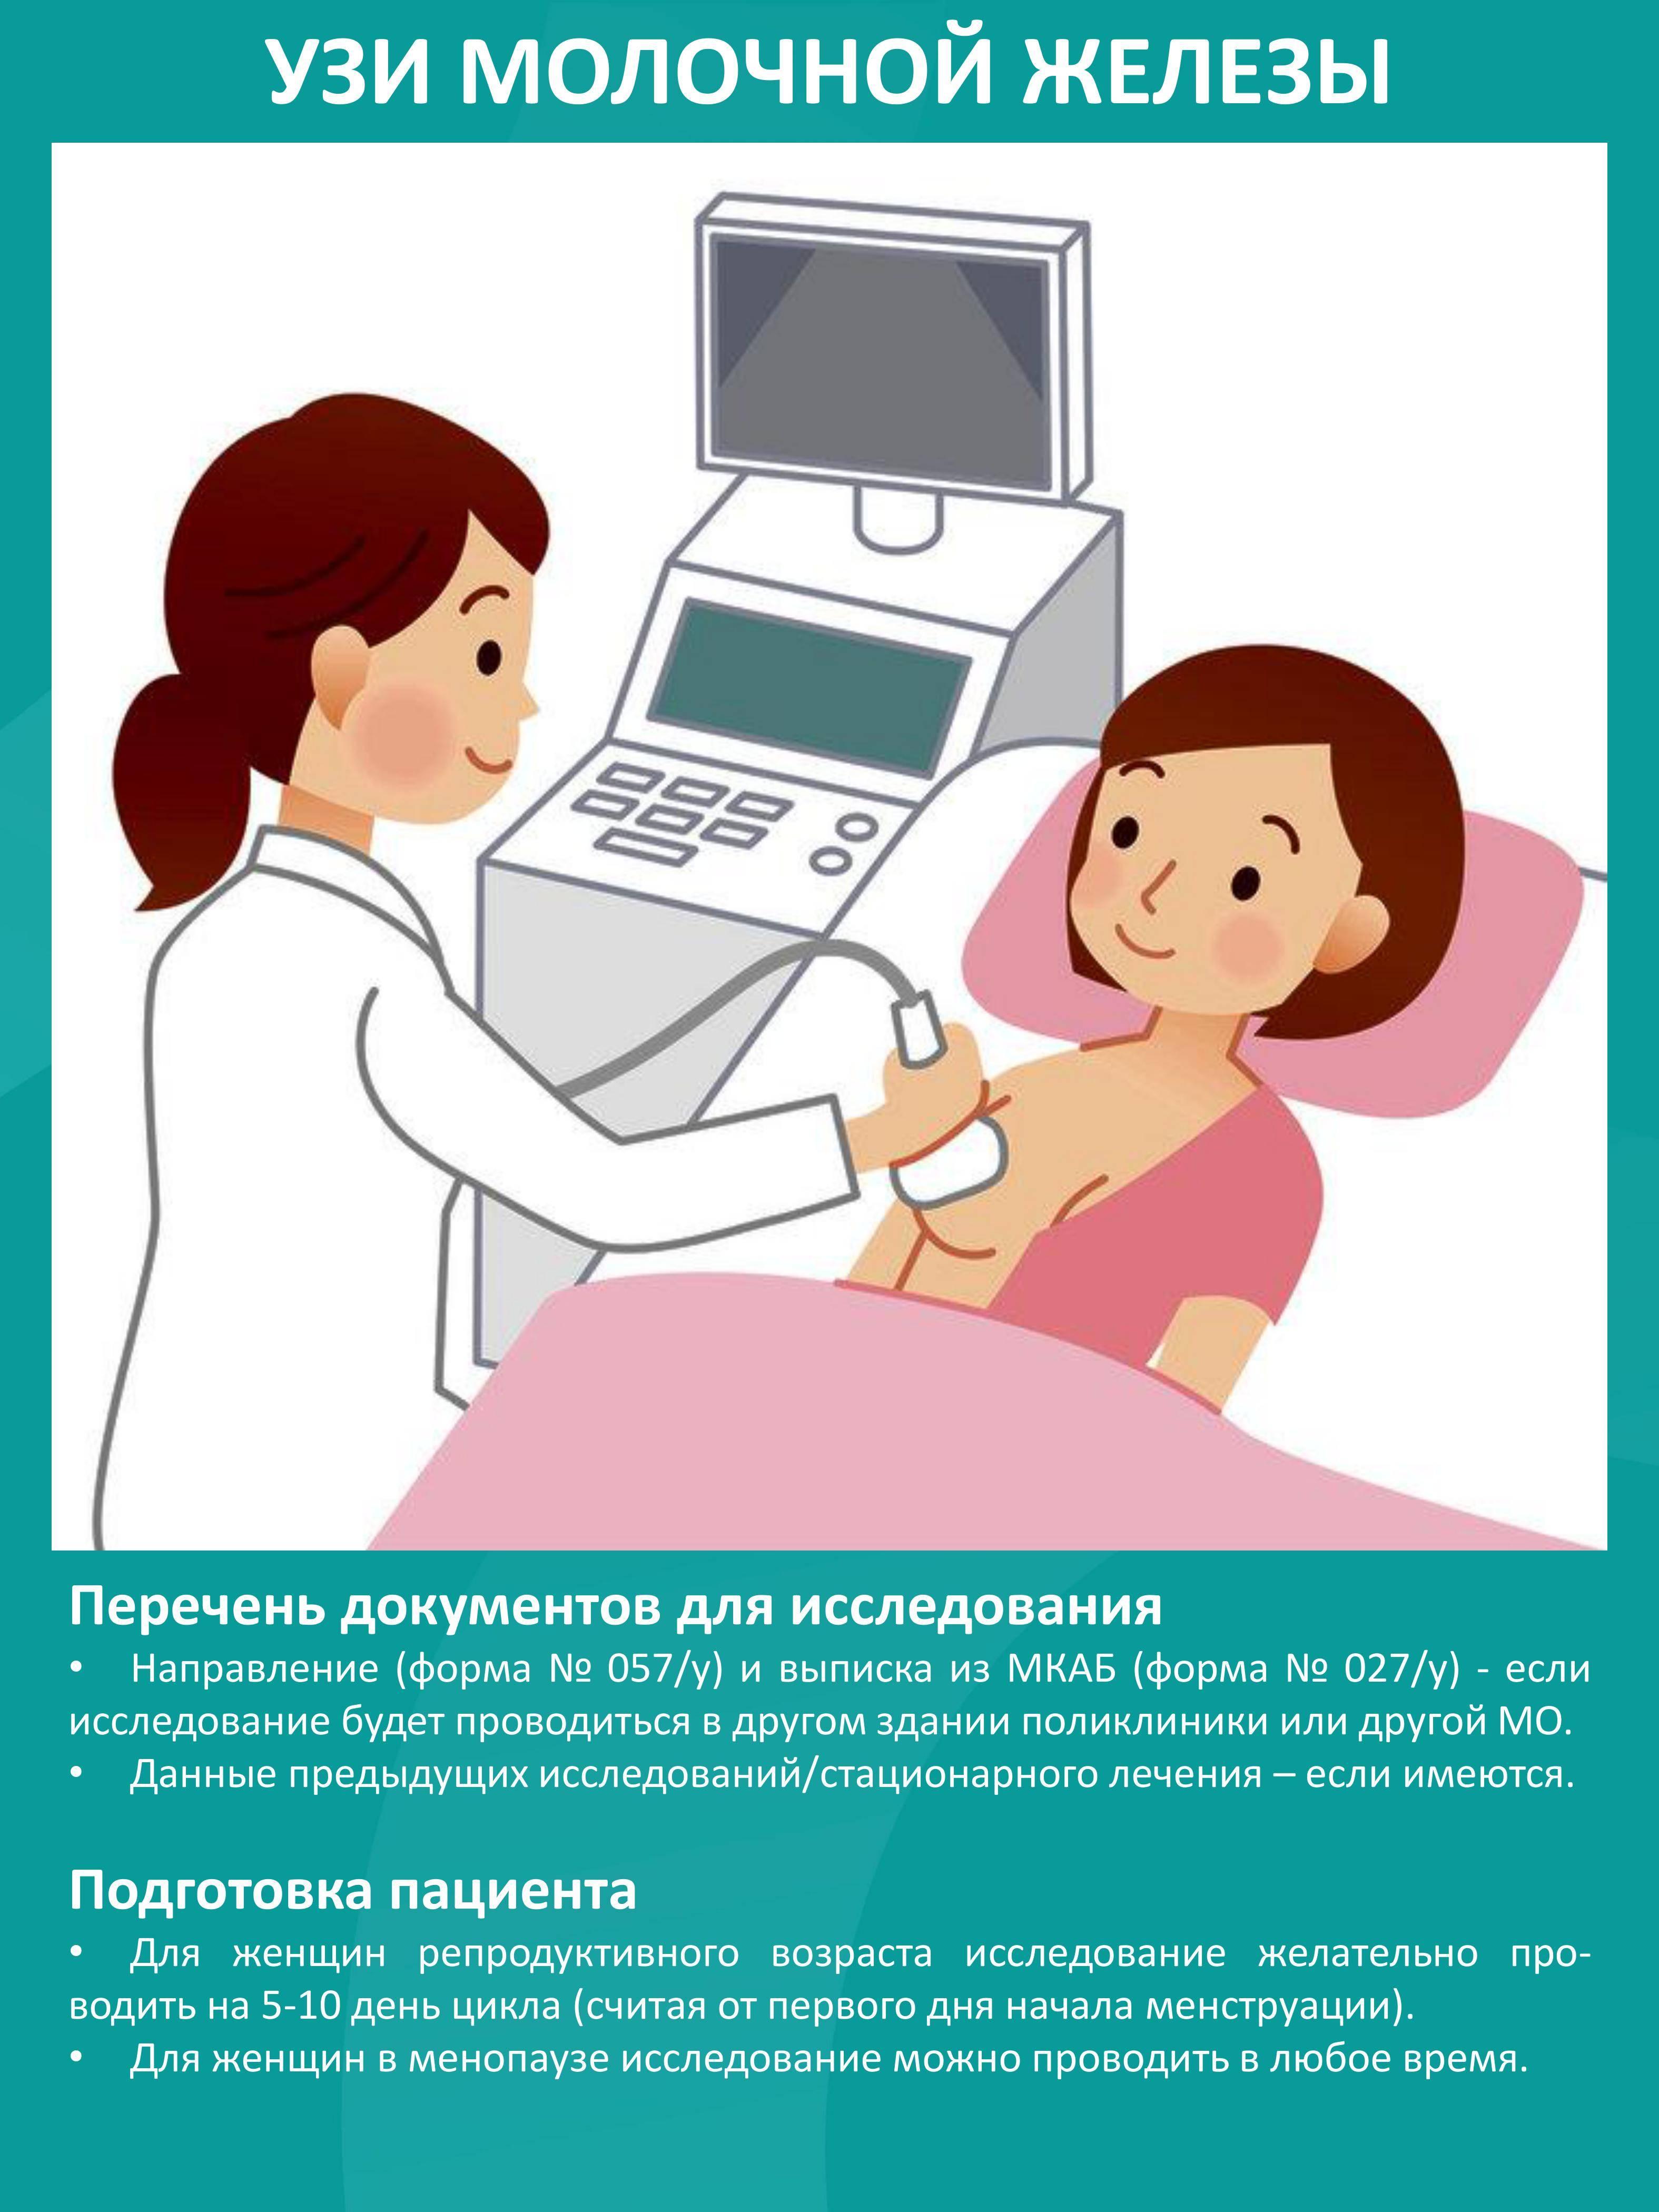 Что означает гипоэхогенное образование в молочной железе и как правильно его лечить